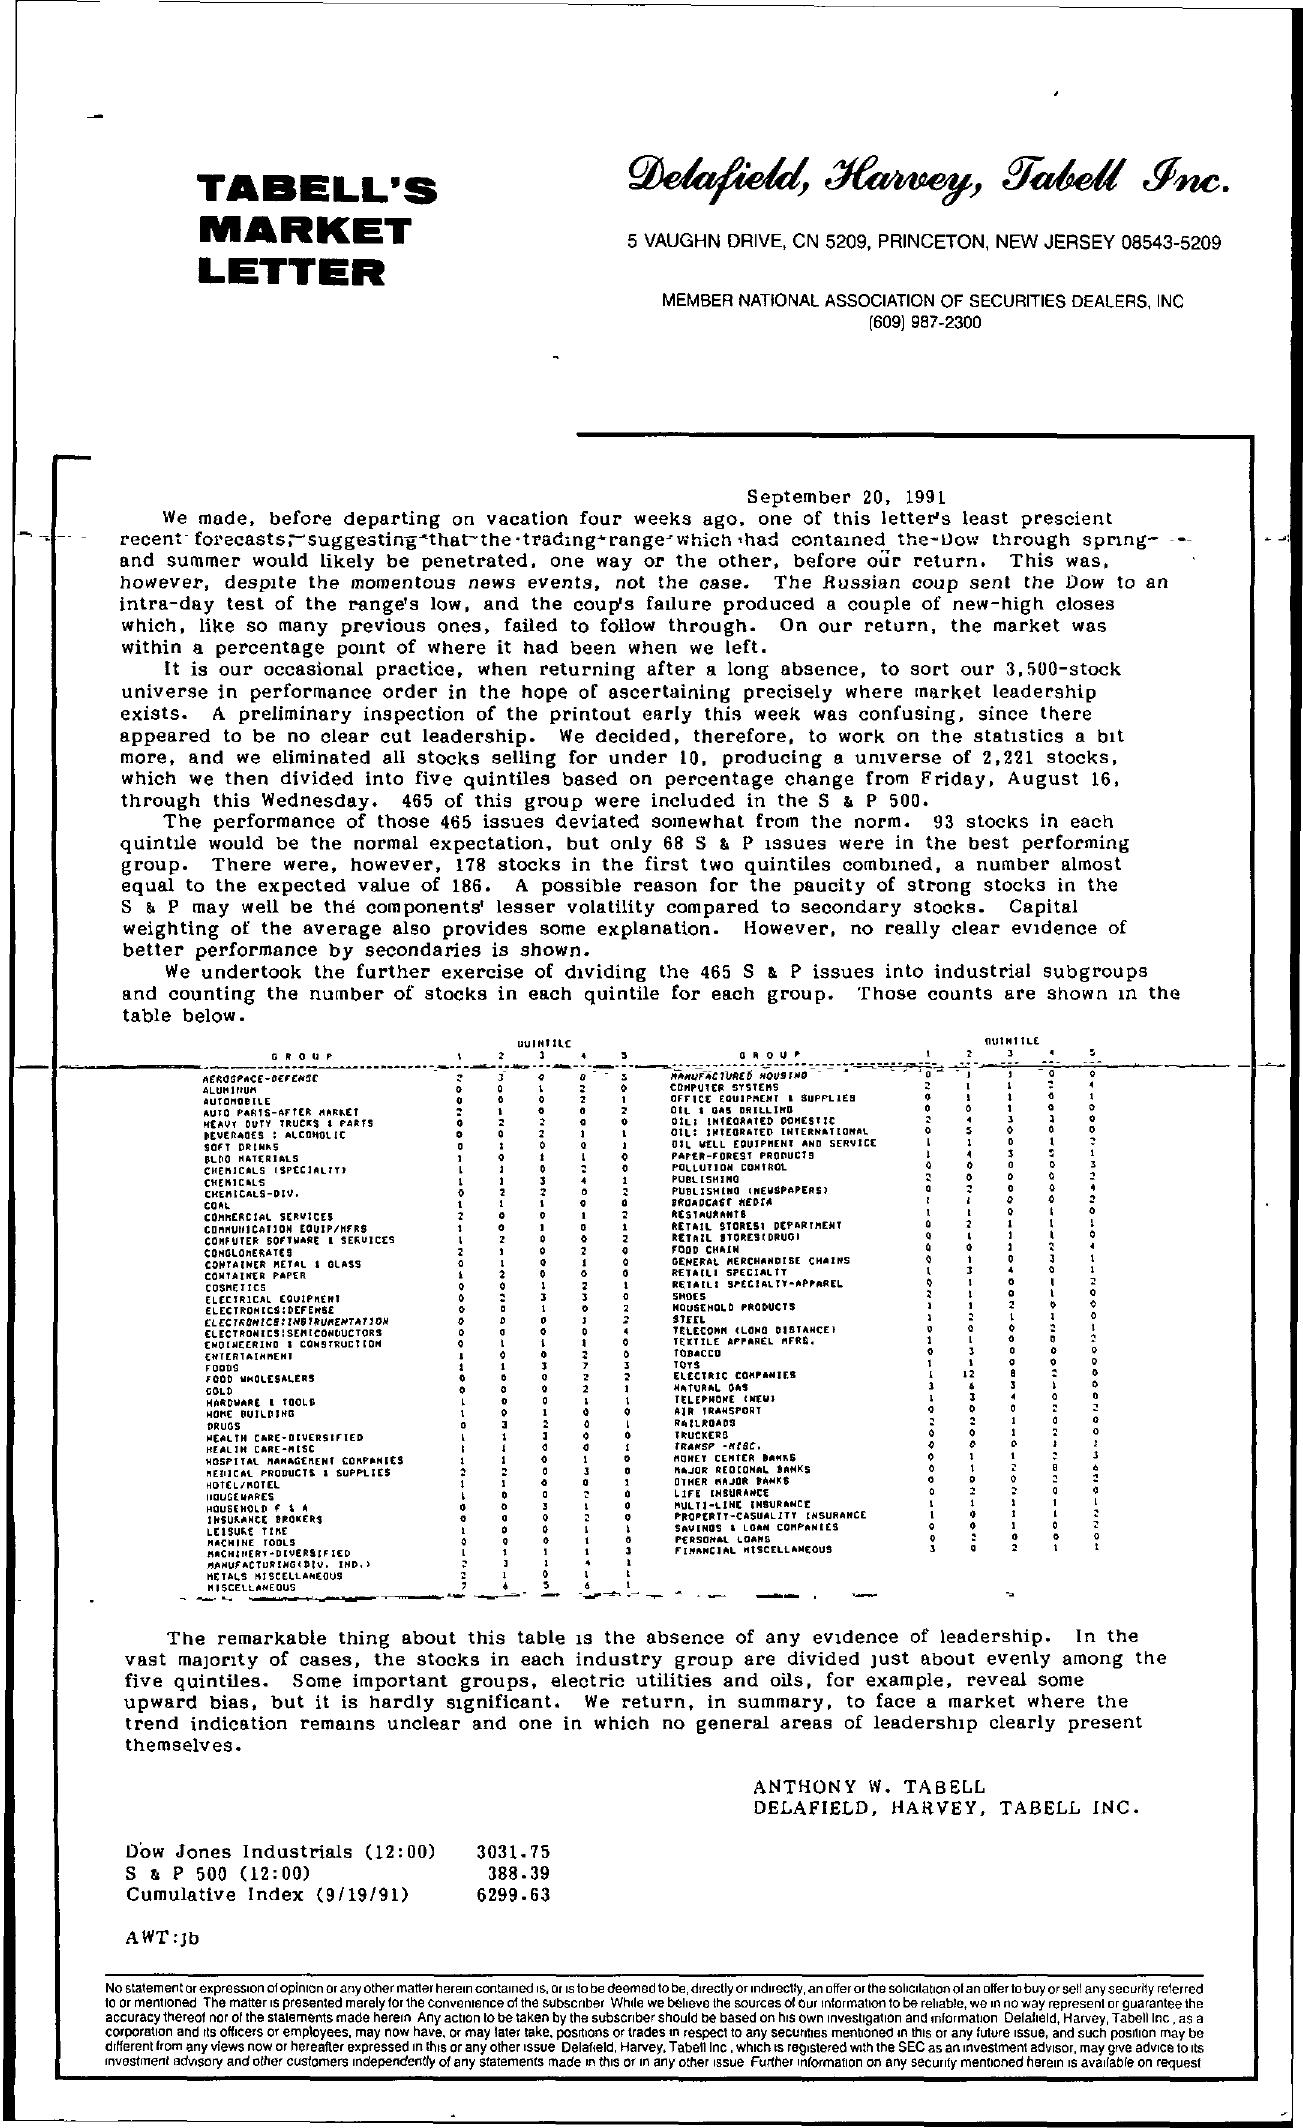 Tabell's Market Letter - September 20, 1991